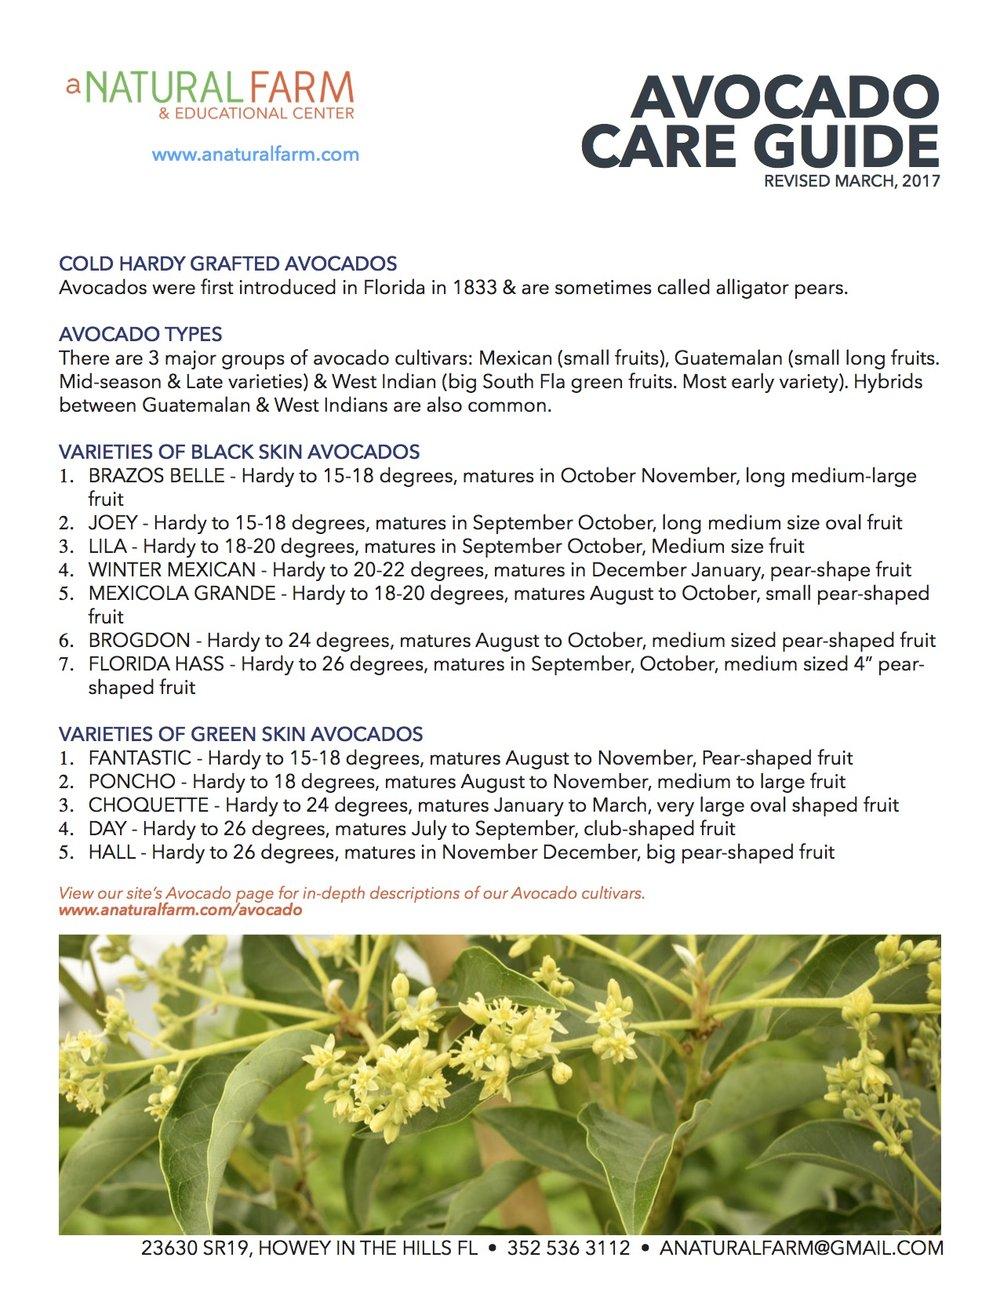 avocado care guide 2017.jpg